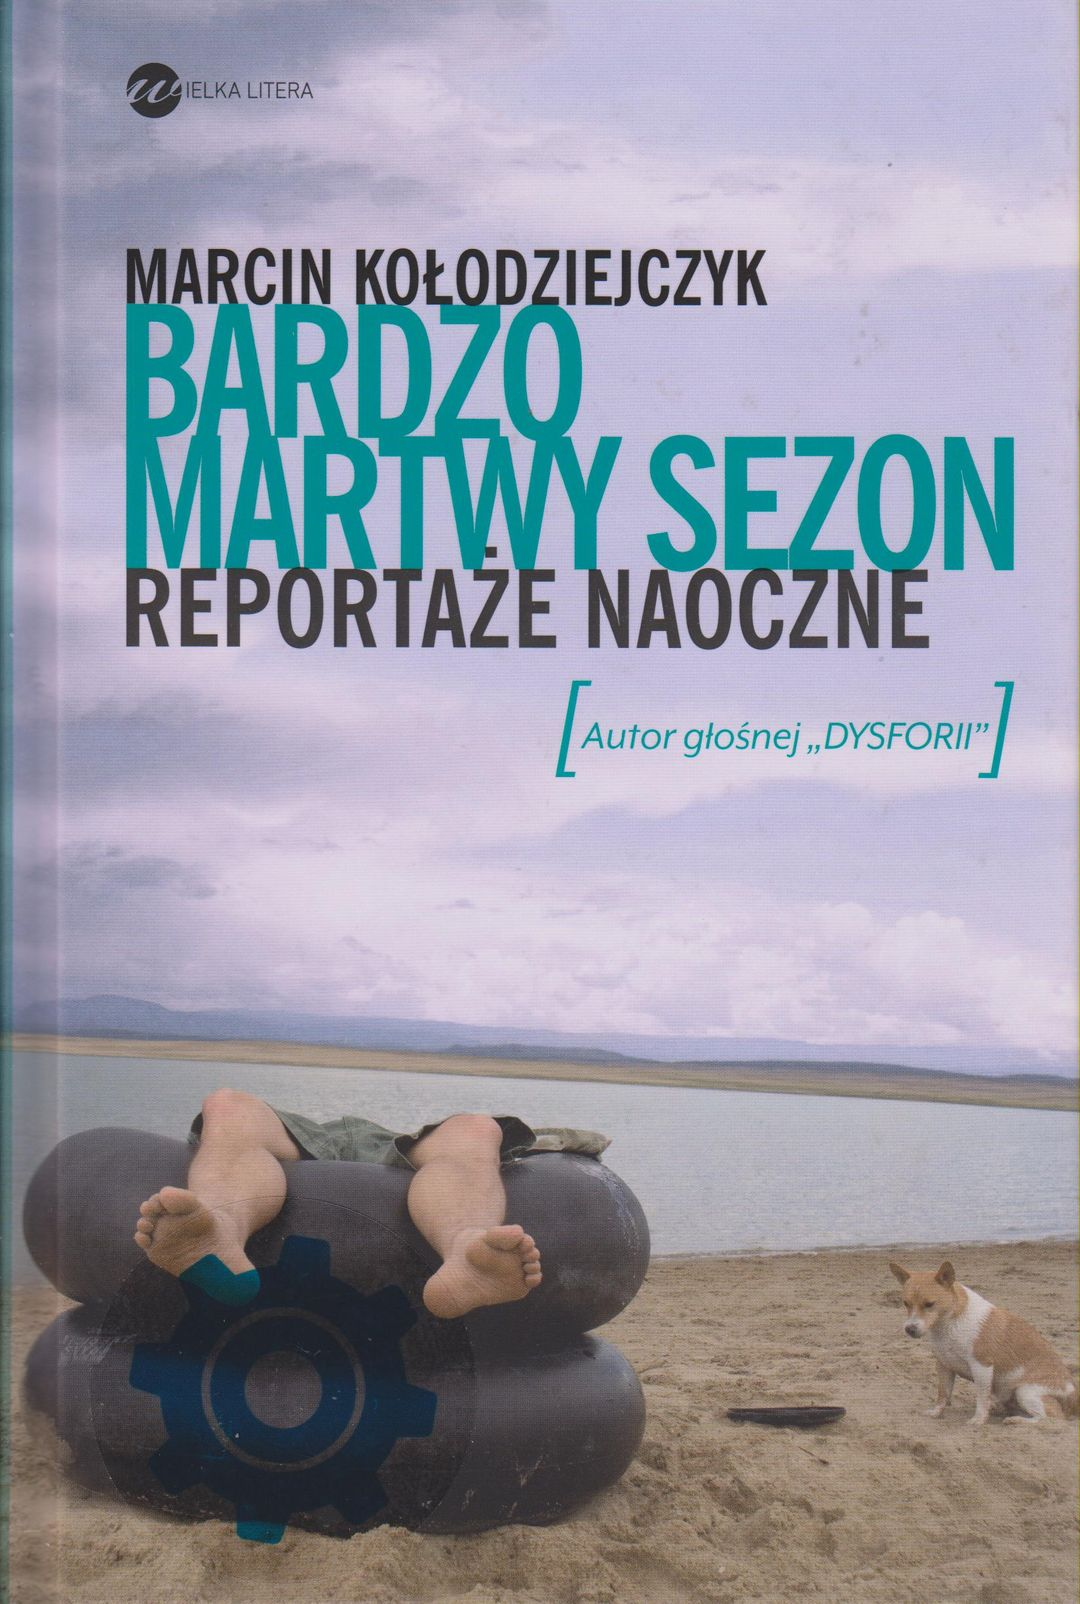 Kołodziejczyk Marcin – Martwy Sezon